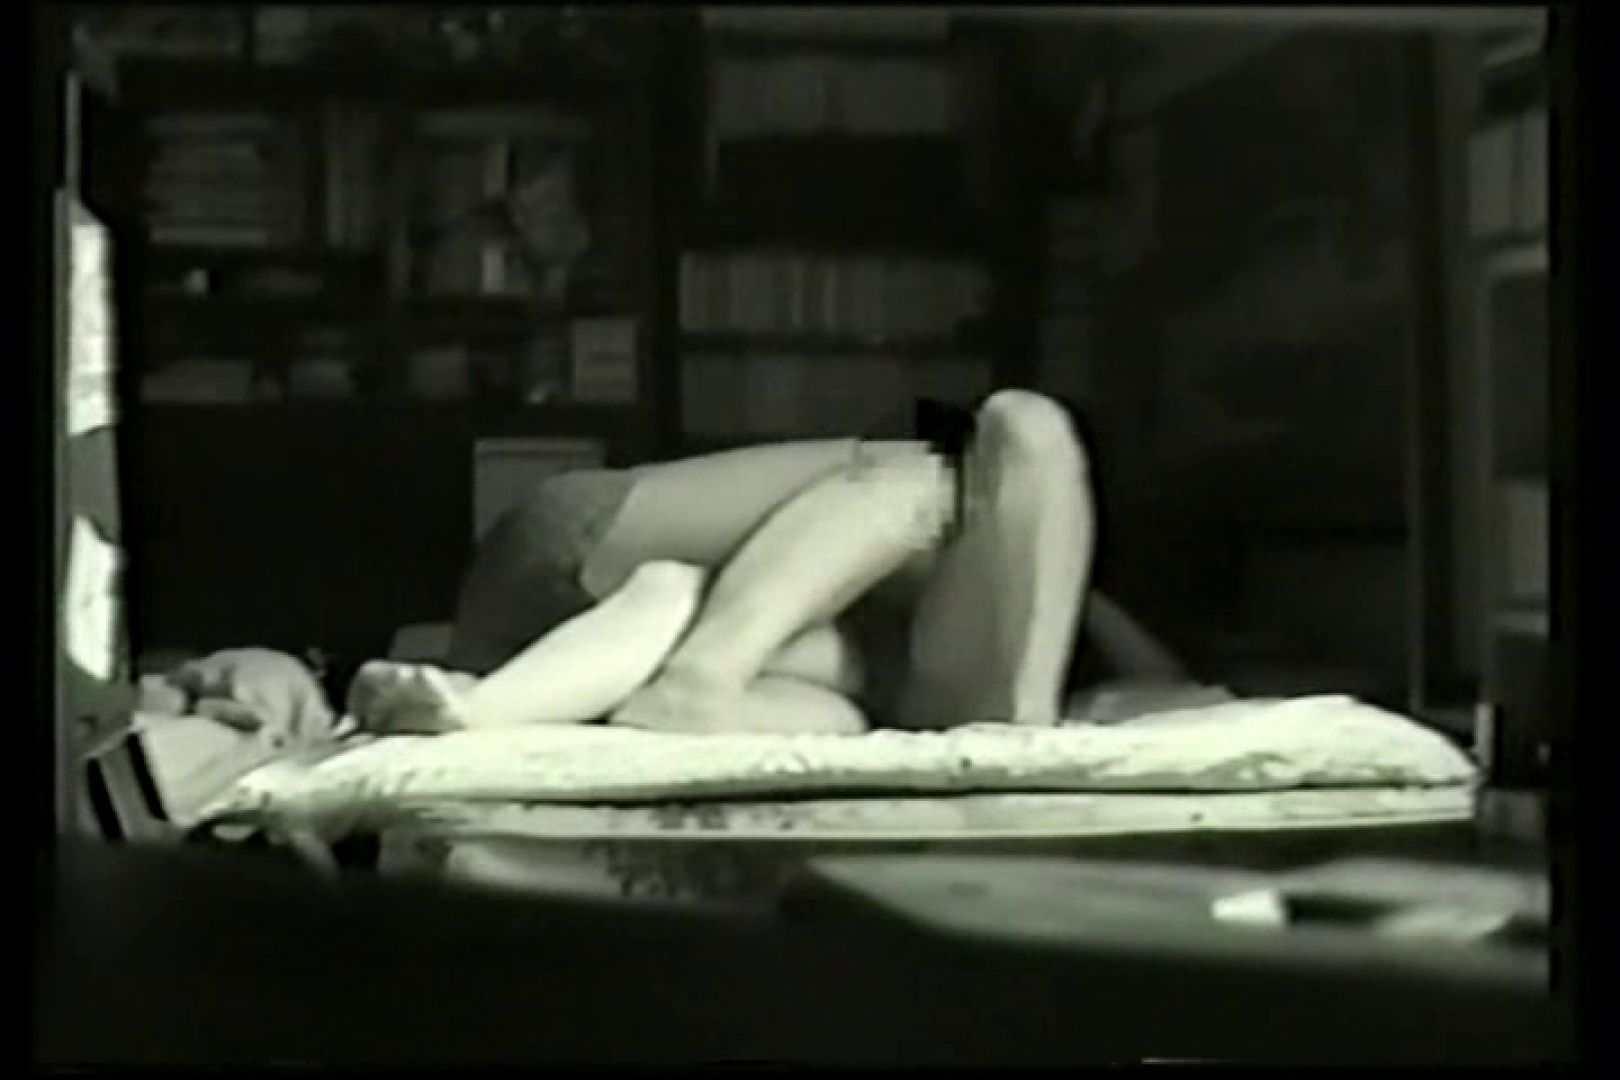 素人嬢をホテルに連れ込みアンナ事・コンナ事!?Vol.5 素人はめどり エロ無料画像 62画像 3